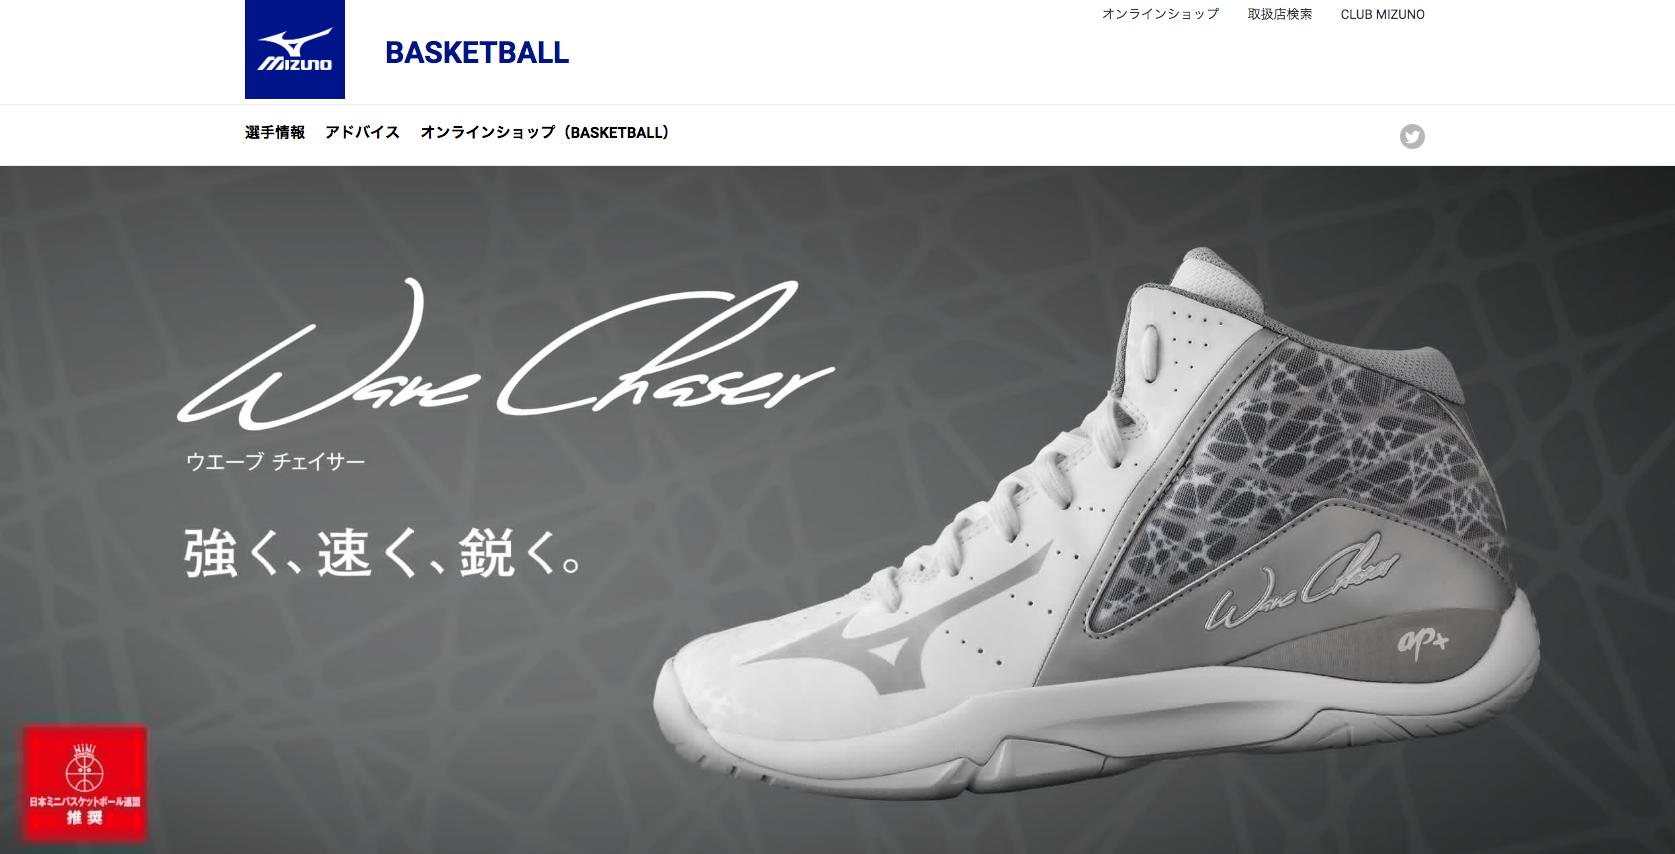 バスケウェアのブランドおしゃれでかっこいいおすすめ20選